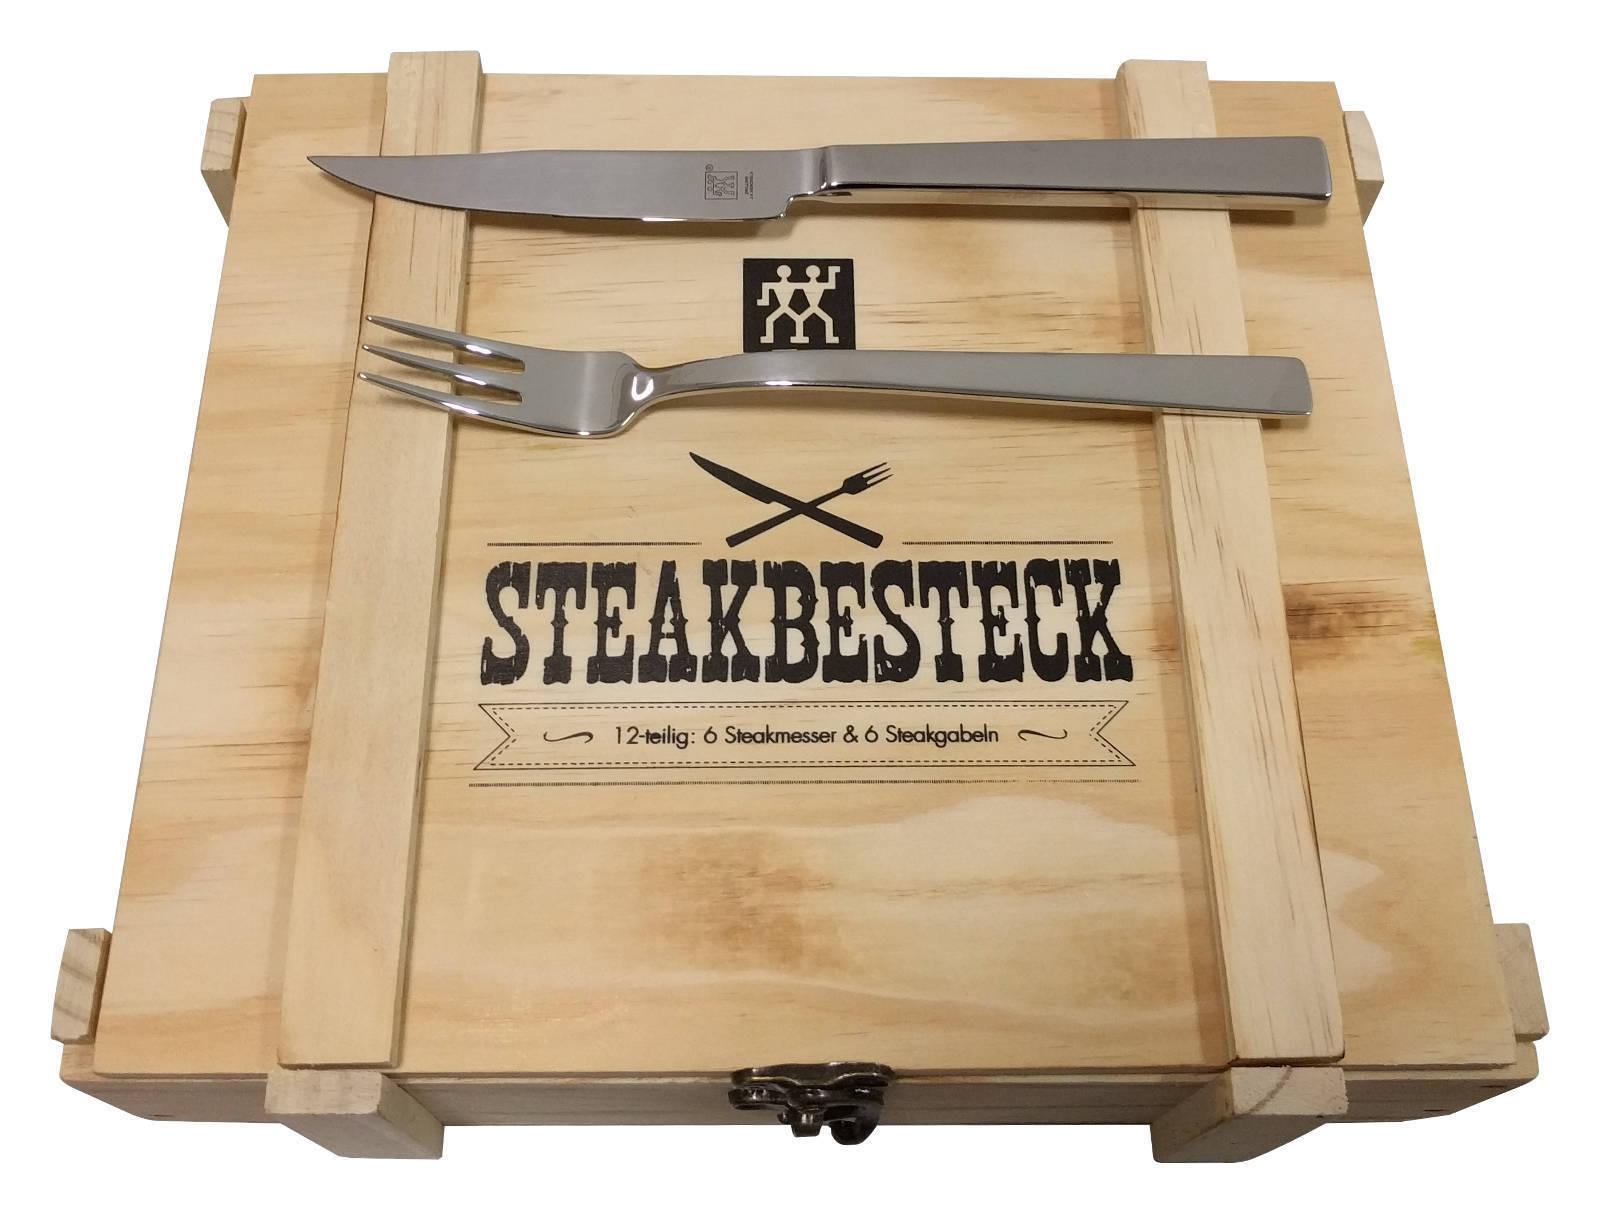 2 x Zwilling Steakbesteckset 12-teilig im praktischem Holzetui bei eBay WOW (Plus) für 37,80 € (18,90 € pro Kasten)